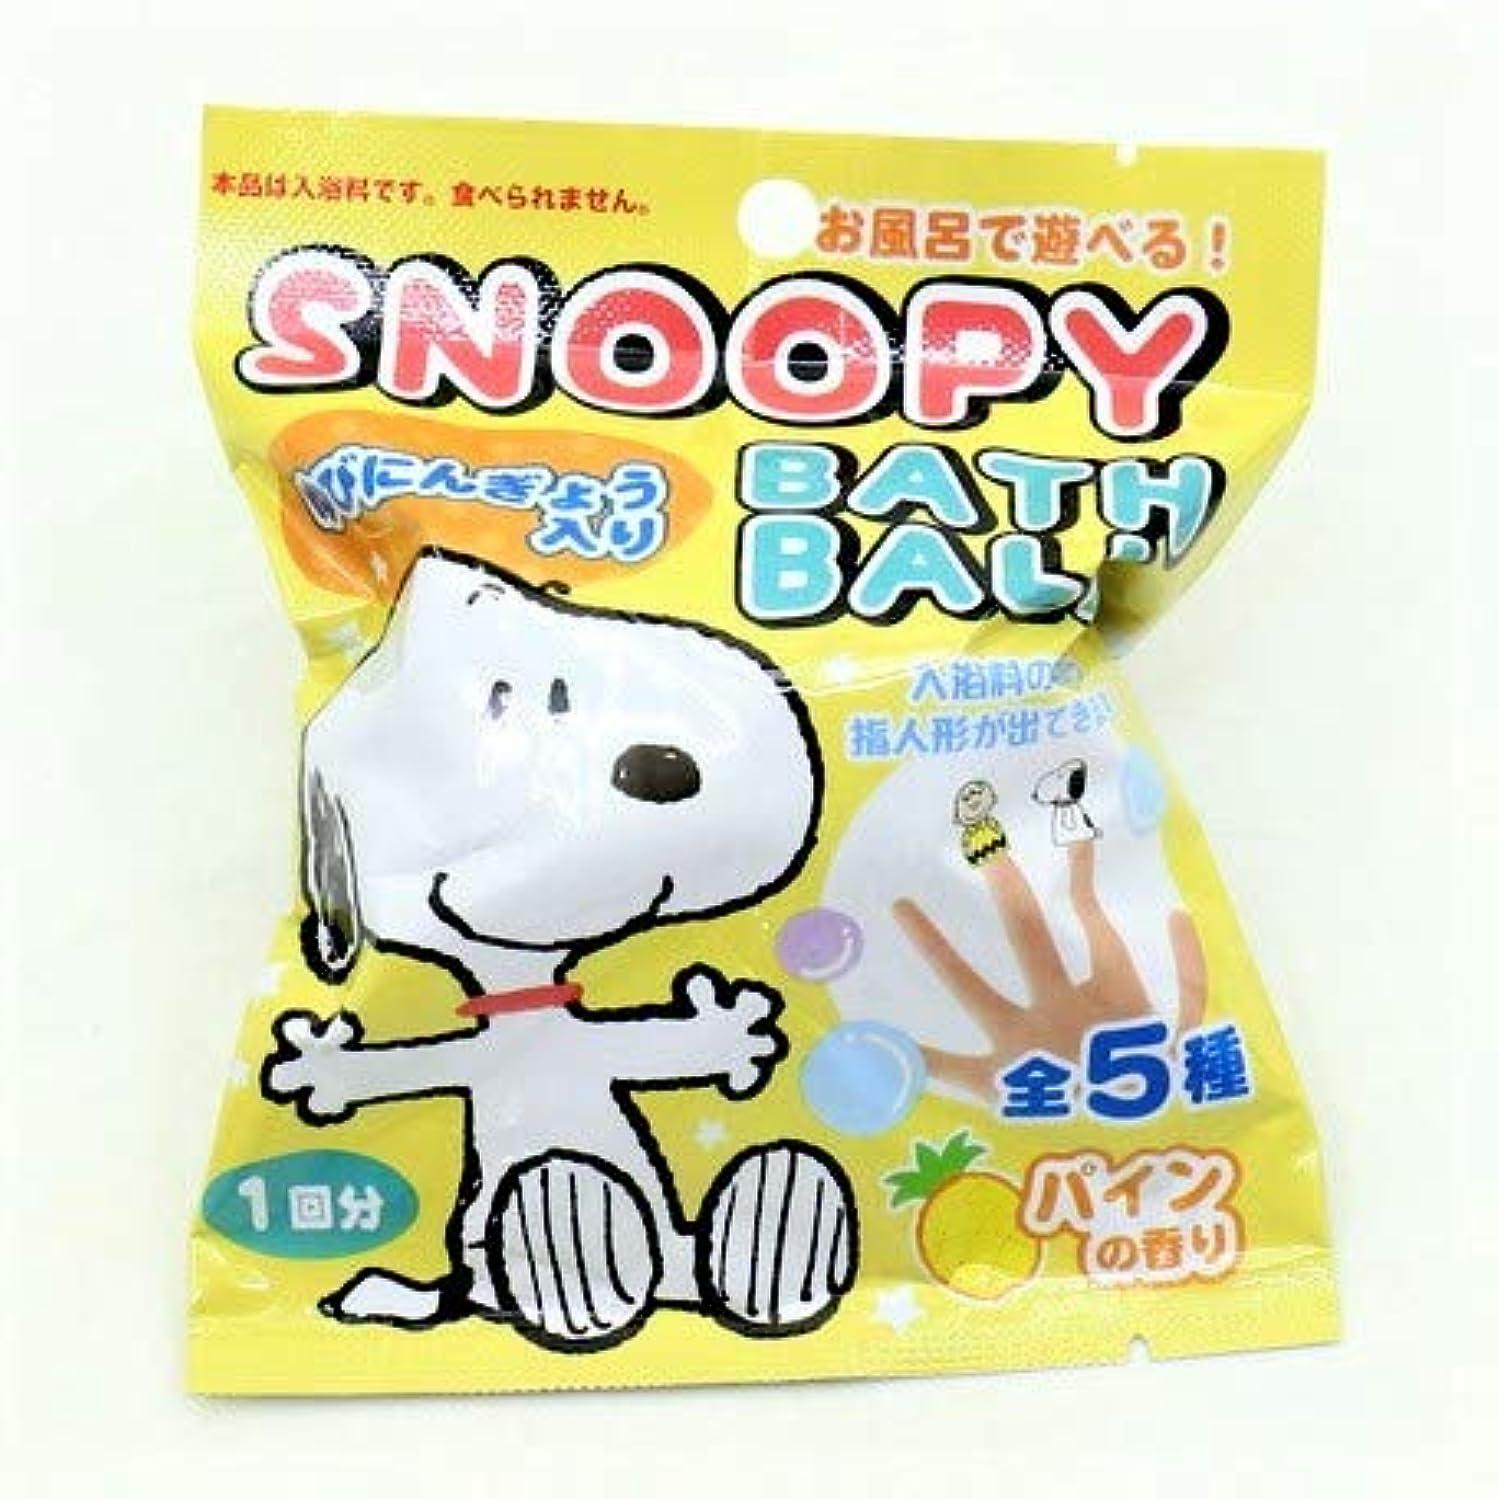 自分を引き上げる聴覚障害者レッドデートスヌーピー バスボール 入浴剤 パインの香り 6個1セット 指人形 Snoopy